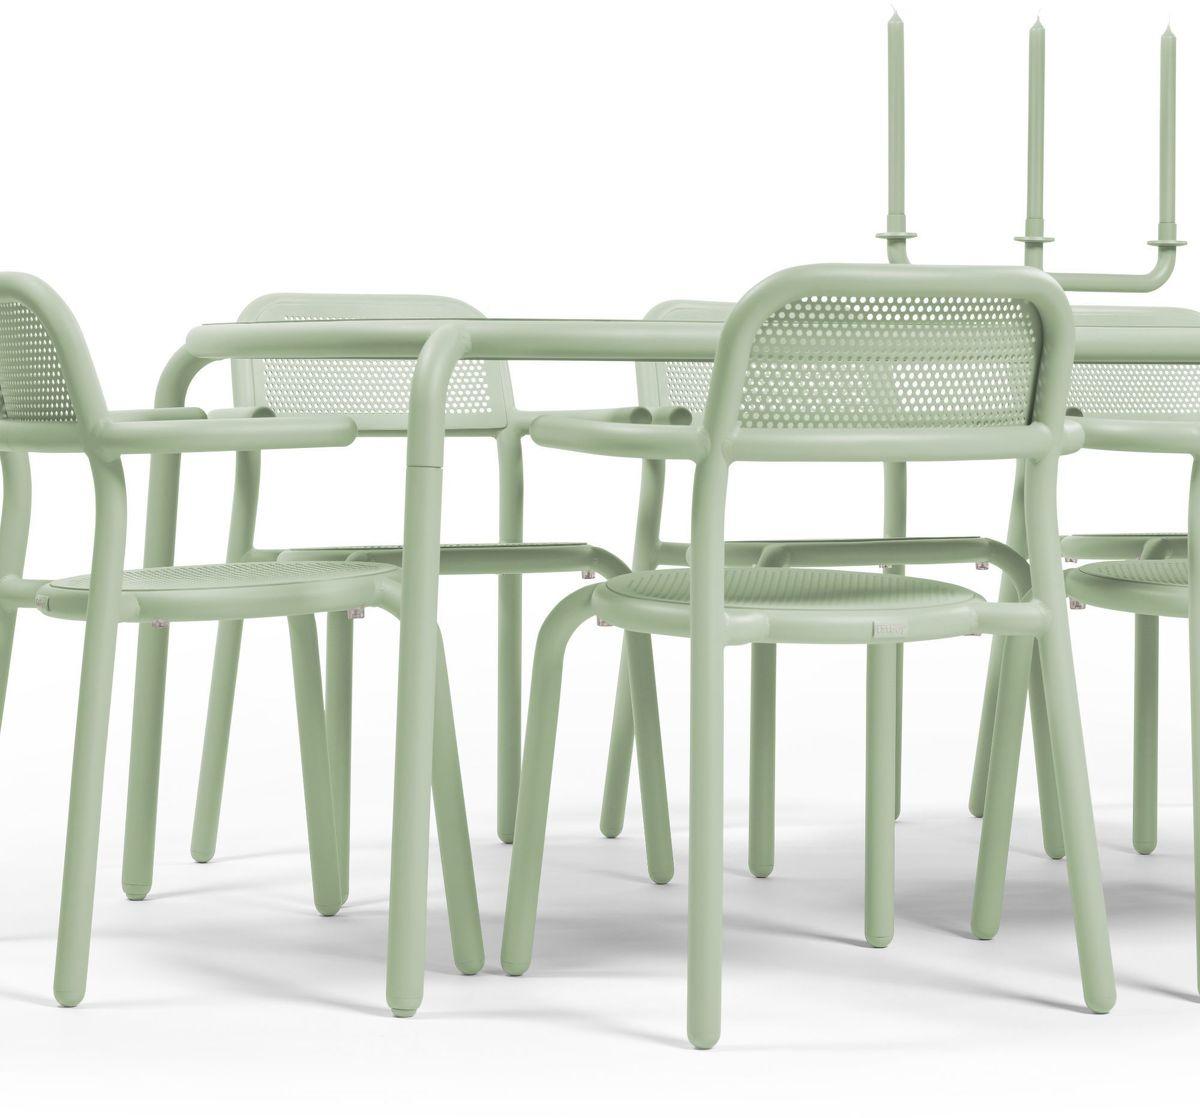 Table De Jardin Rectangulaire Verte Toni Tablo - Fatboy à Table Jardin Verte